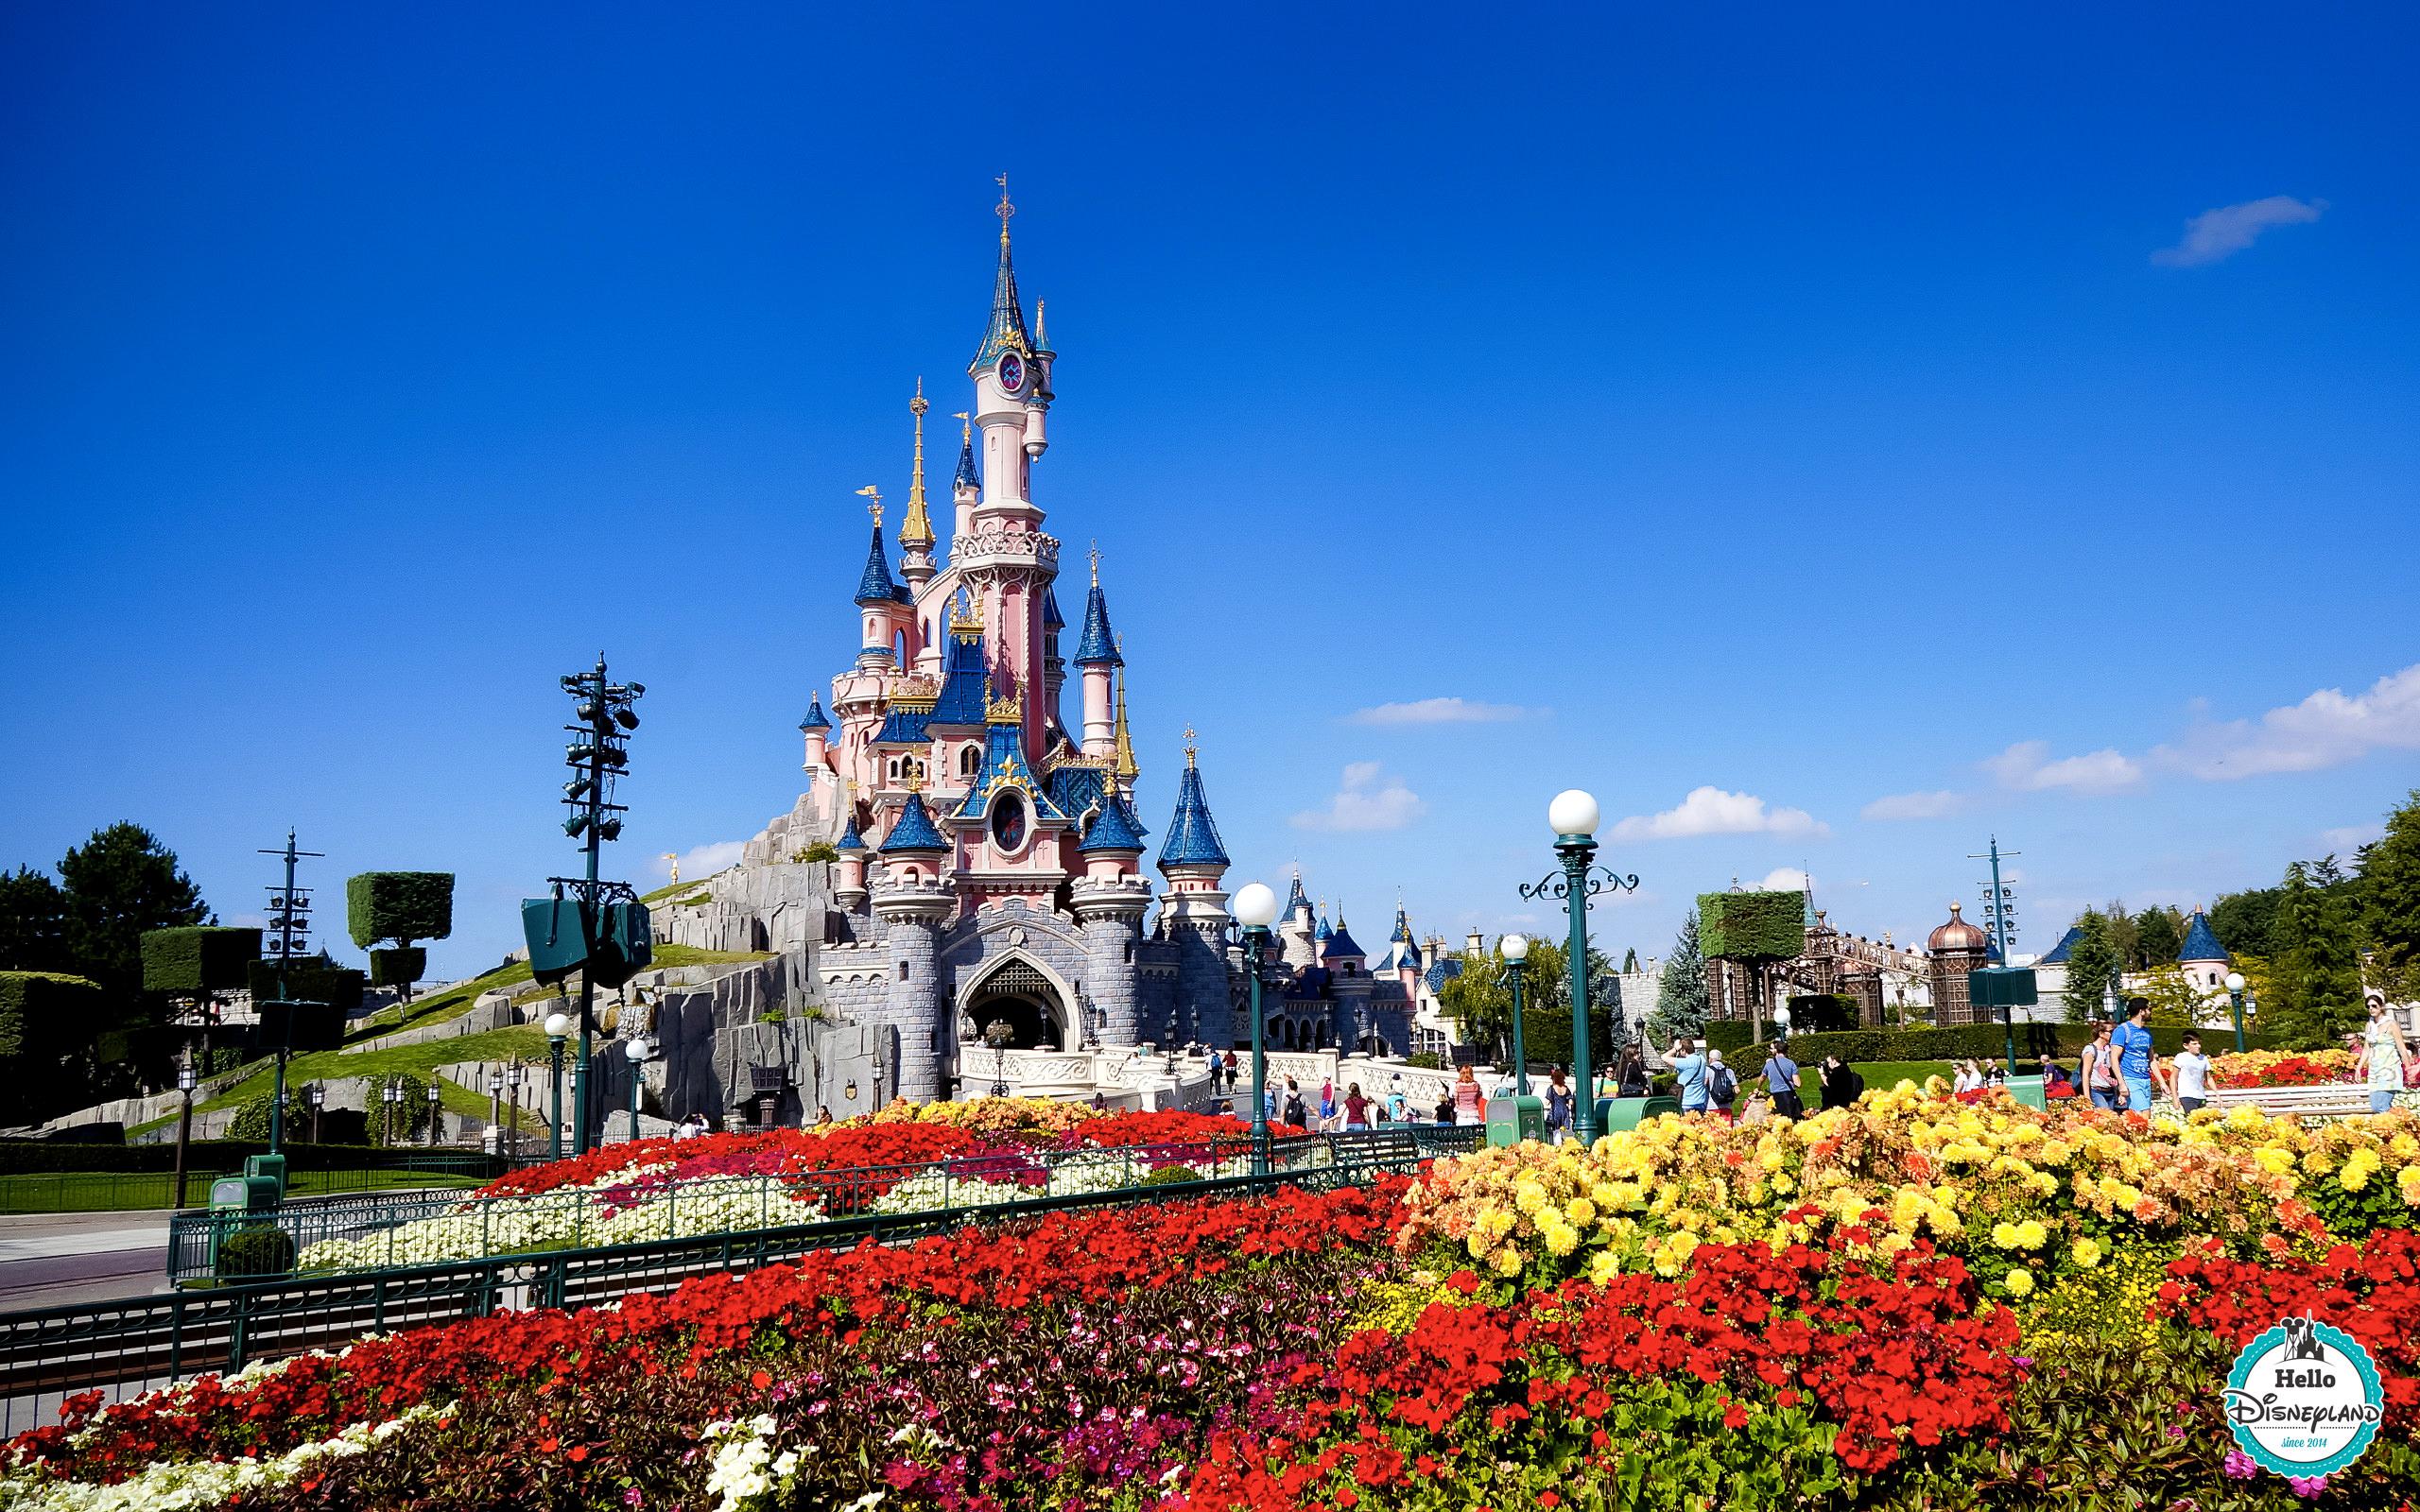 disney parade de noel 2018 horaires Hello Disneyland : Le blog n°1 sur Disneyland Paris | Horaires d  disney parade de noel 2018 horaires